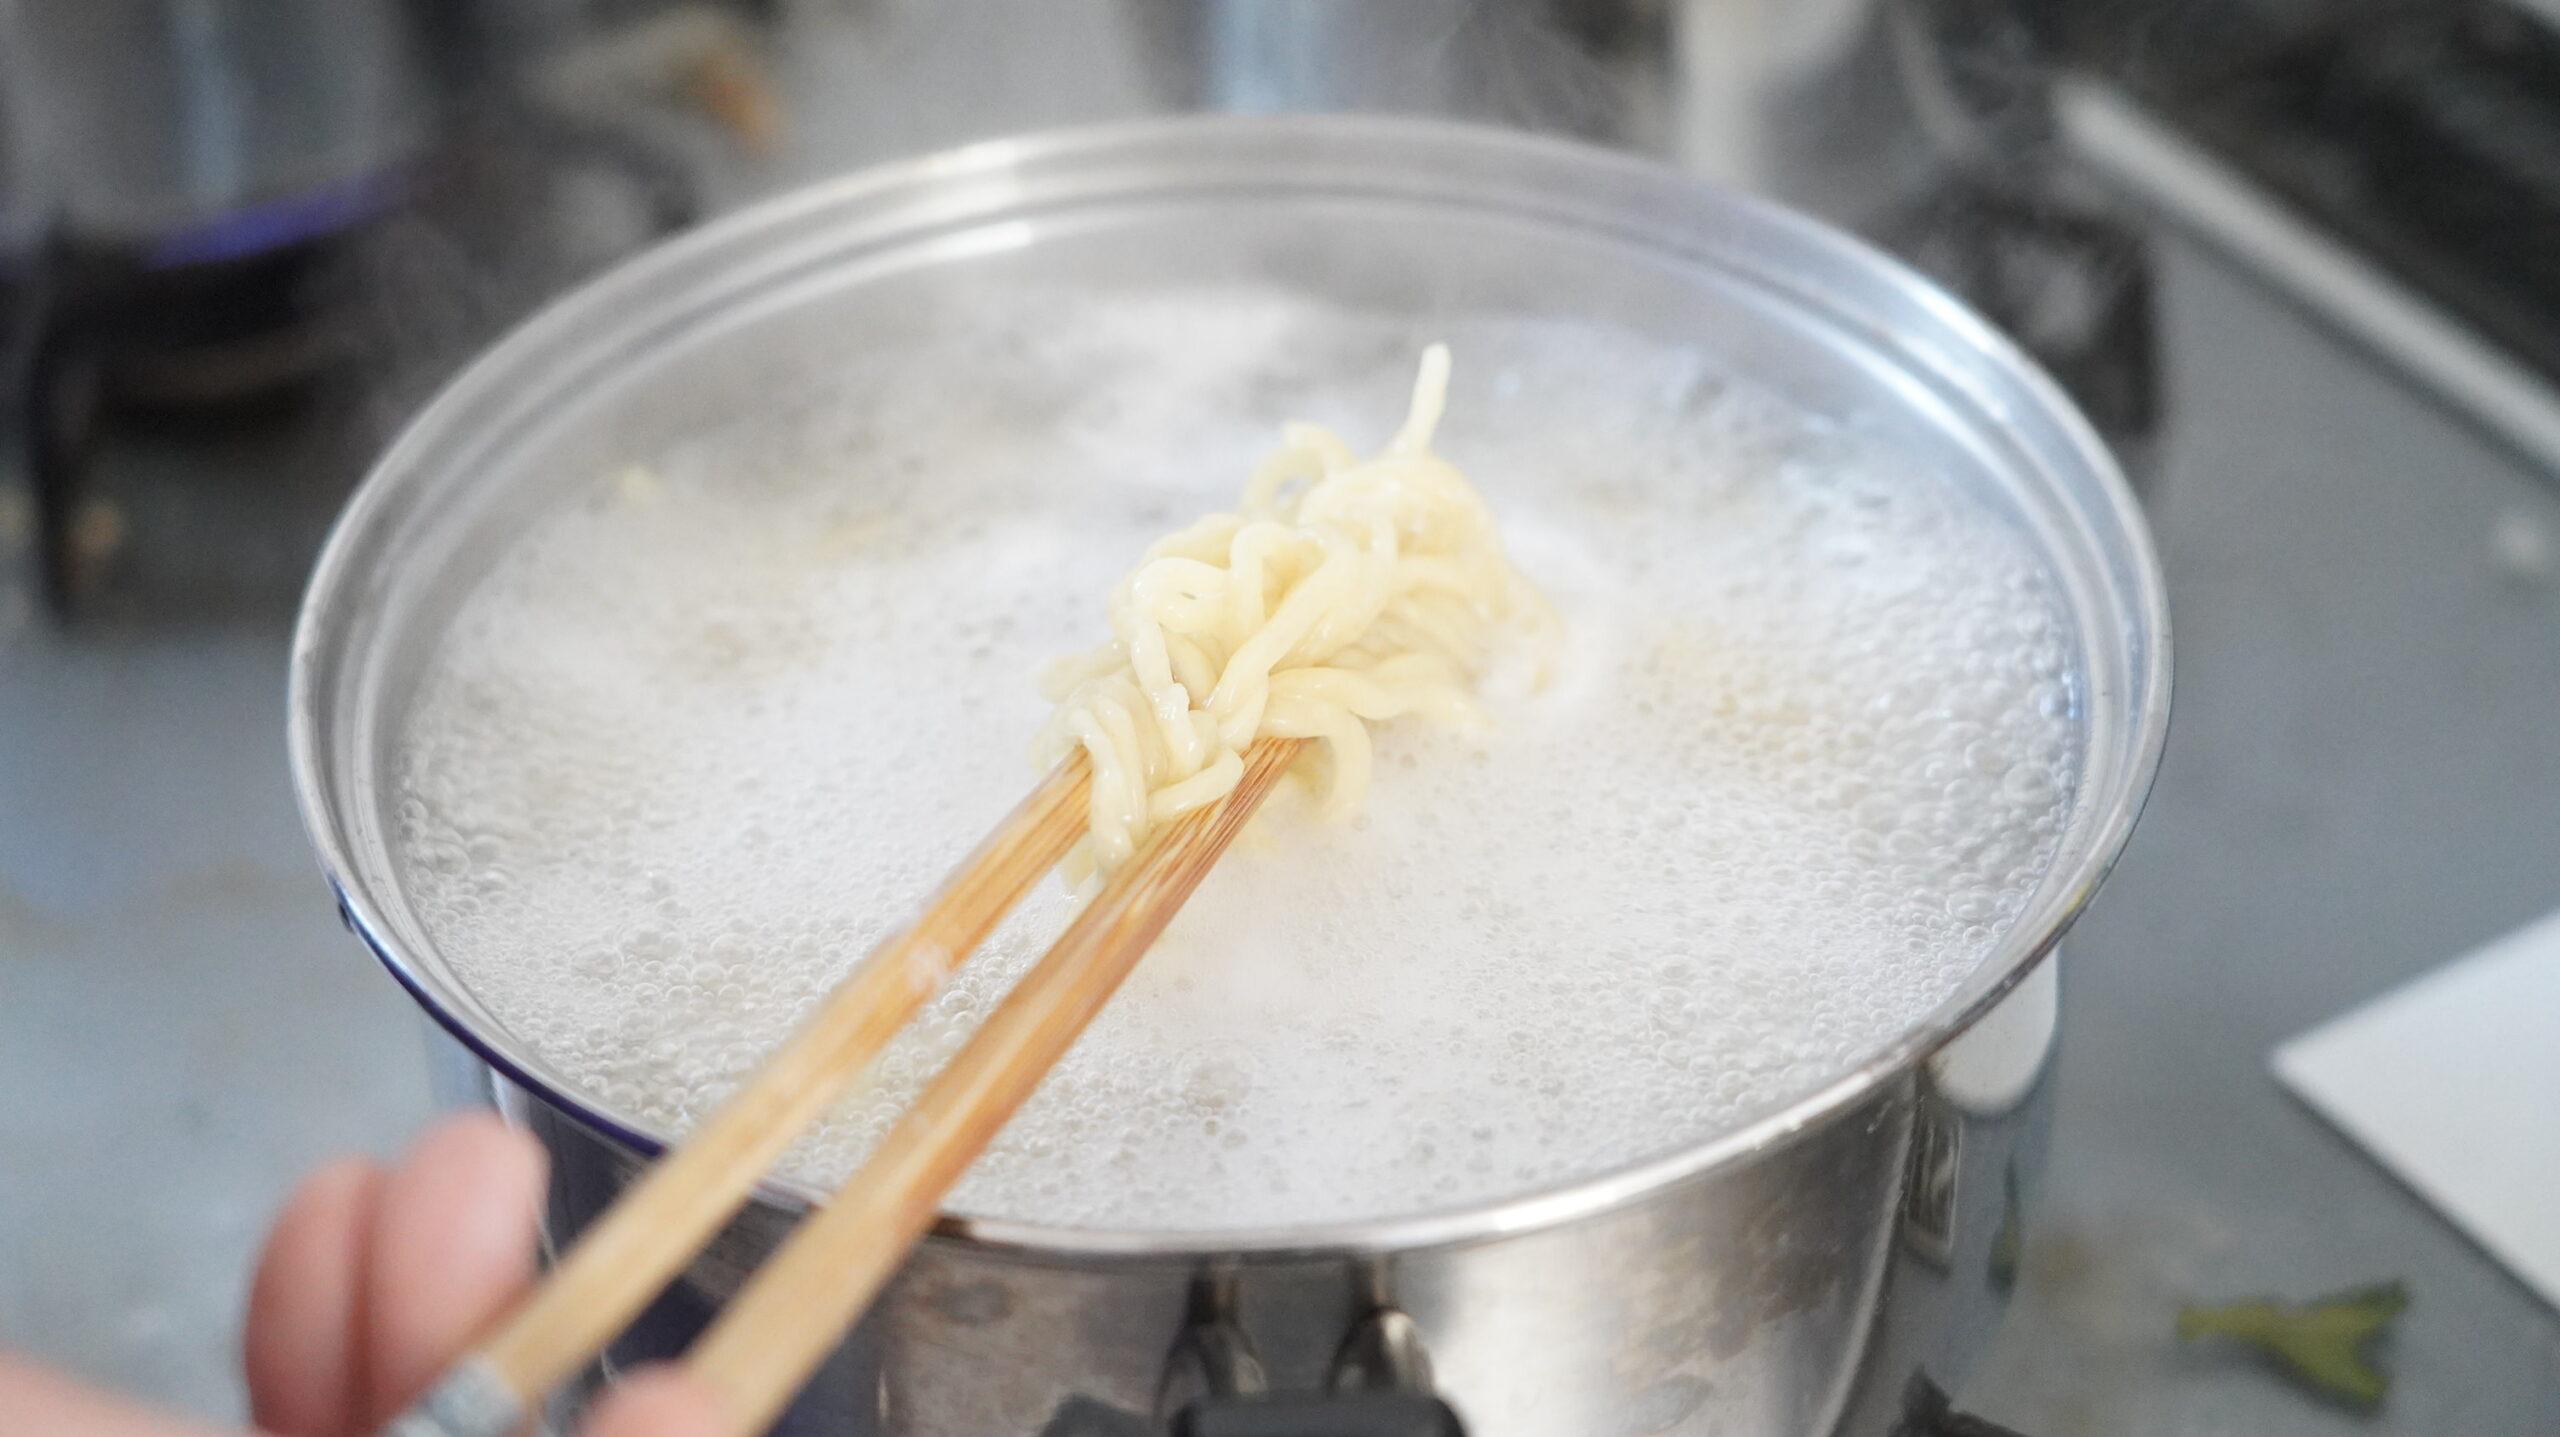 「風雲児」の「つけめん」をオンライン通販でお取り寄せした冷凍ラーメンを調理している写真